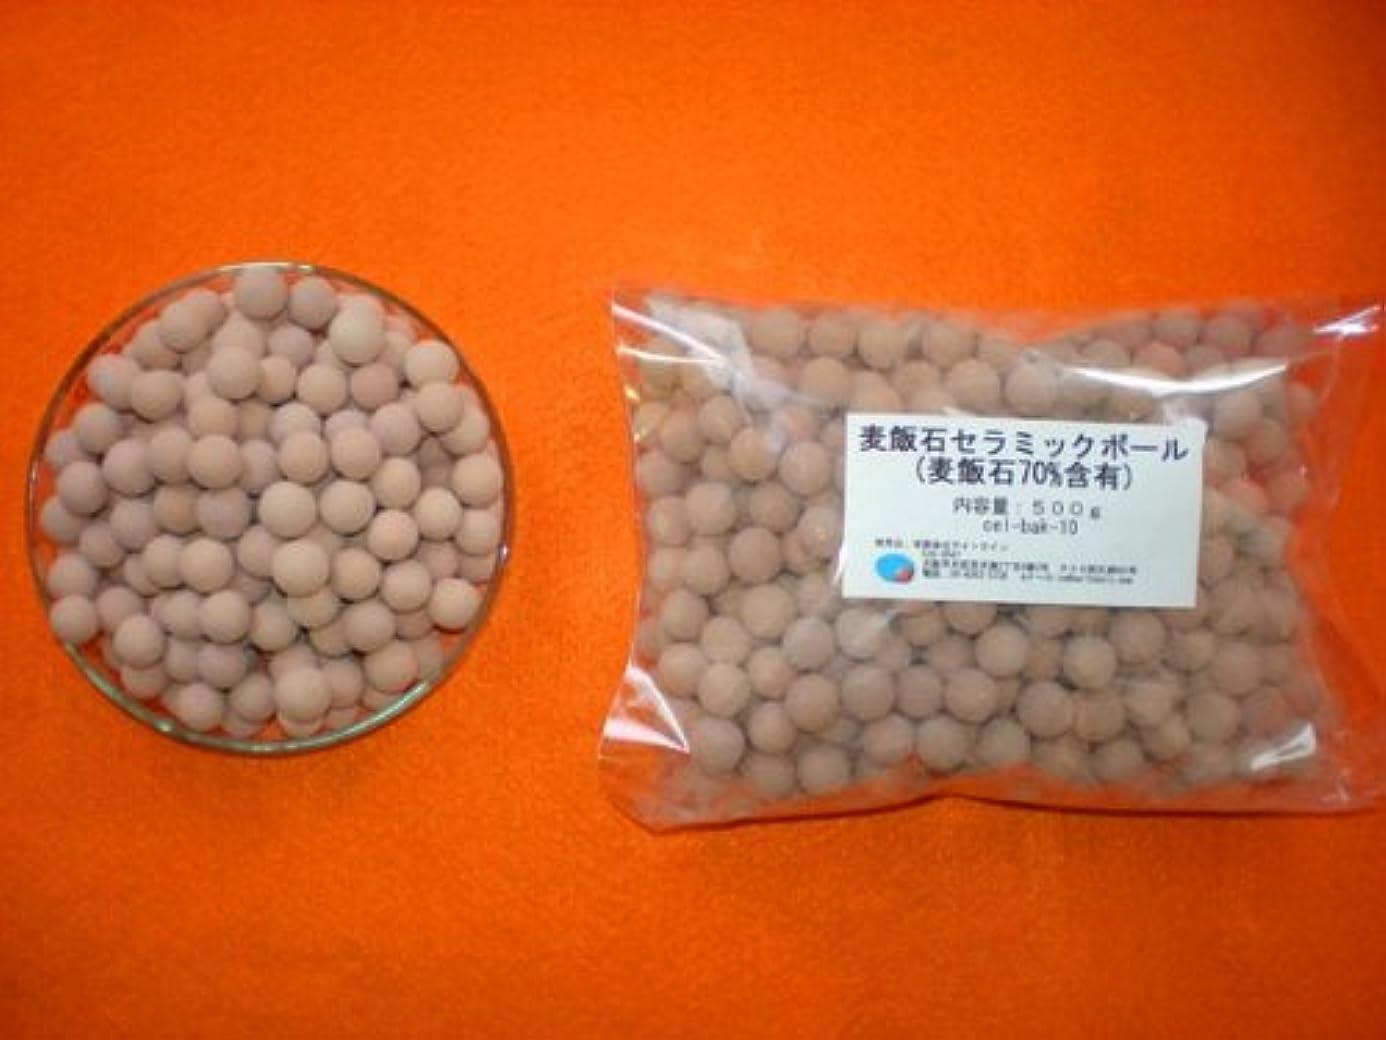 レオナルドダはねかける種麦飯石セラミックボール 直径10ミリ/500g